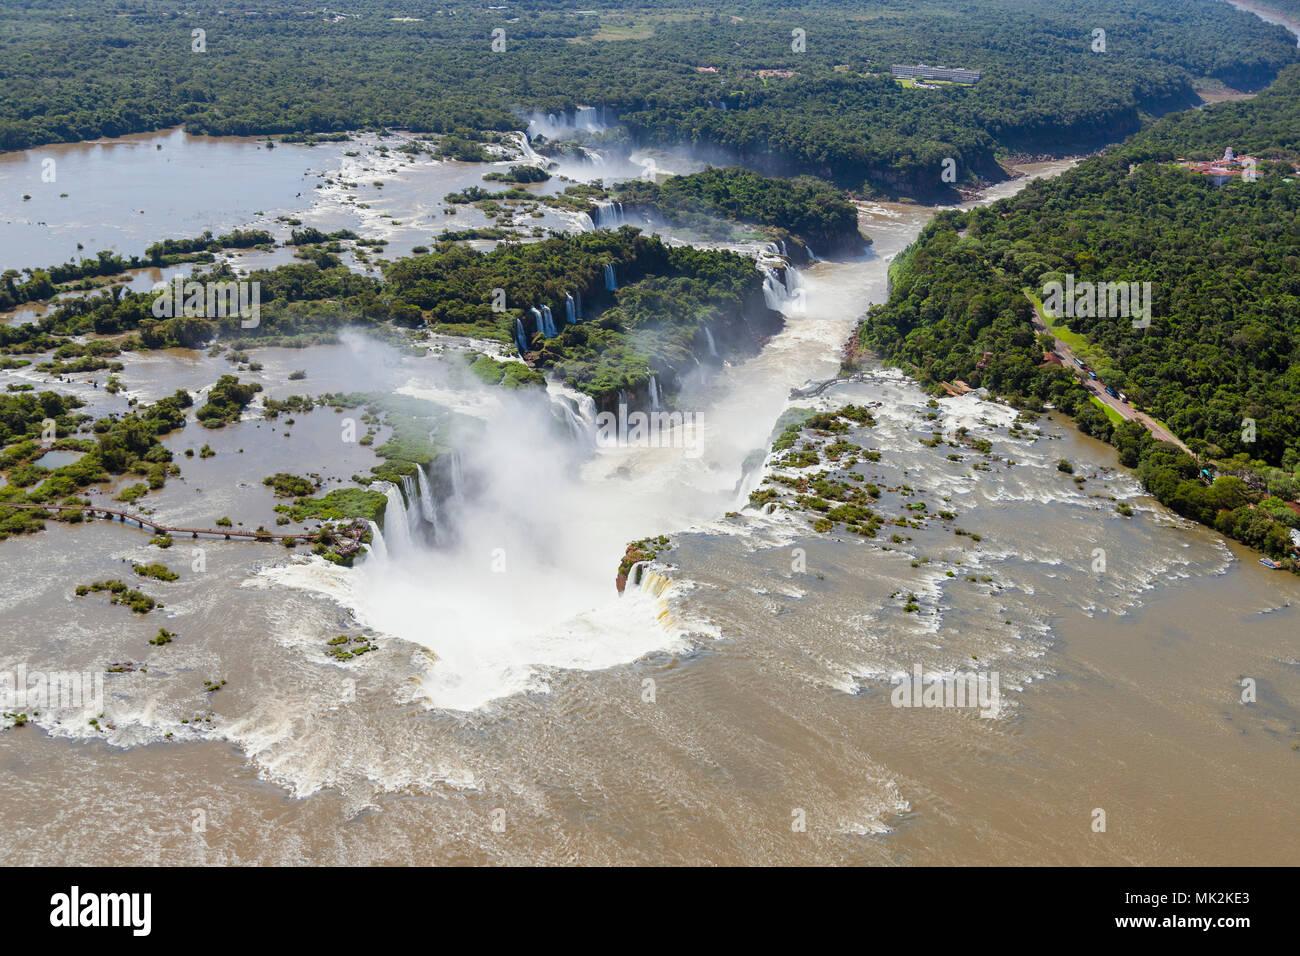 Vista aérea de las Cataratas de Iguazu o cataratas - el sistema de cascada más grande del mundo en la frontera de Brasil una Argentina Foto de stock